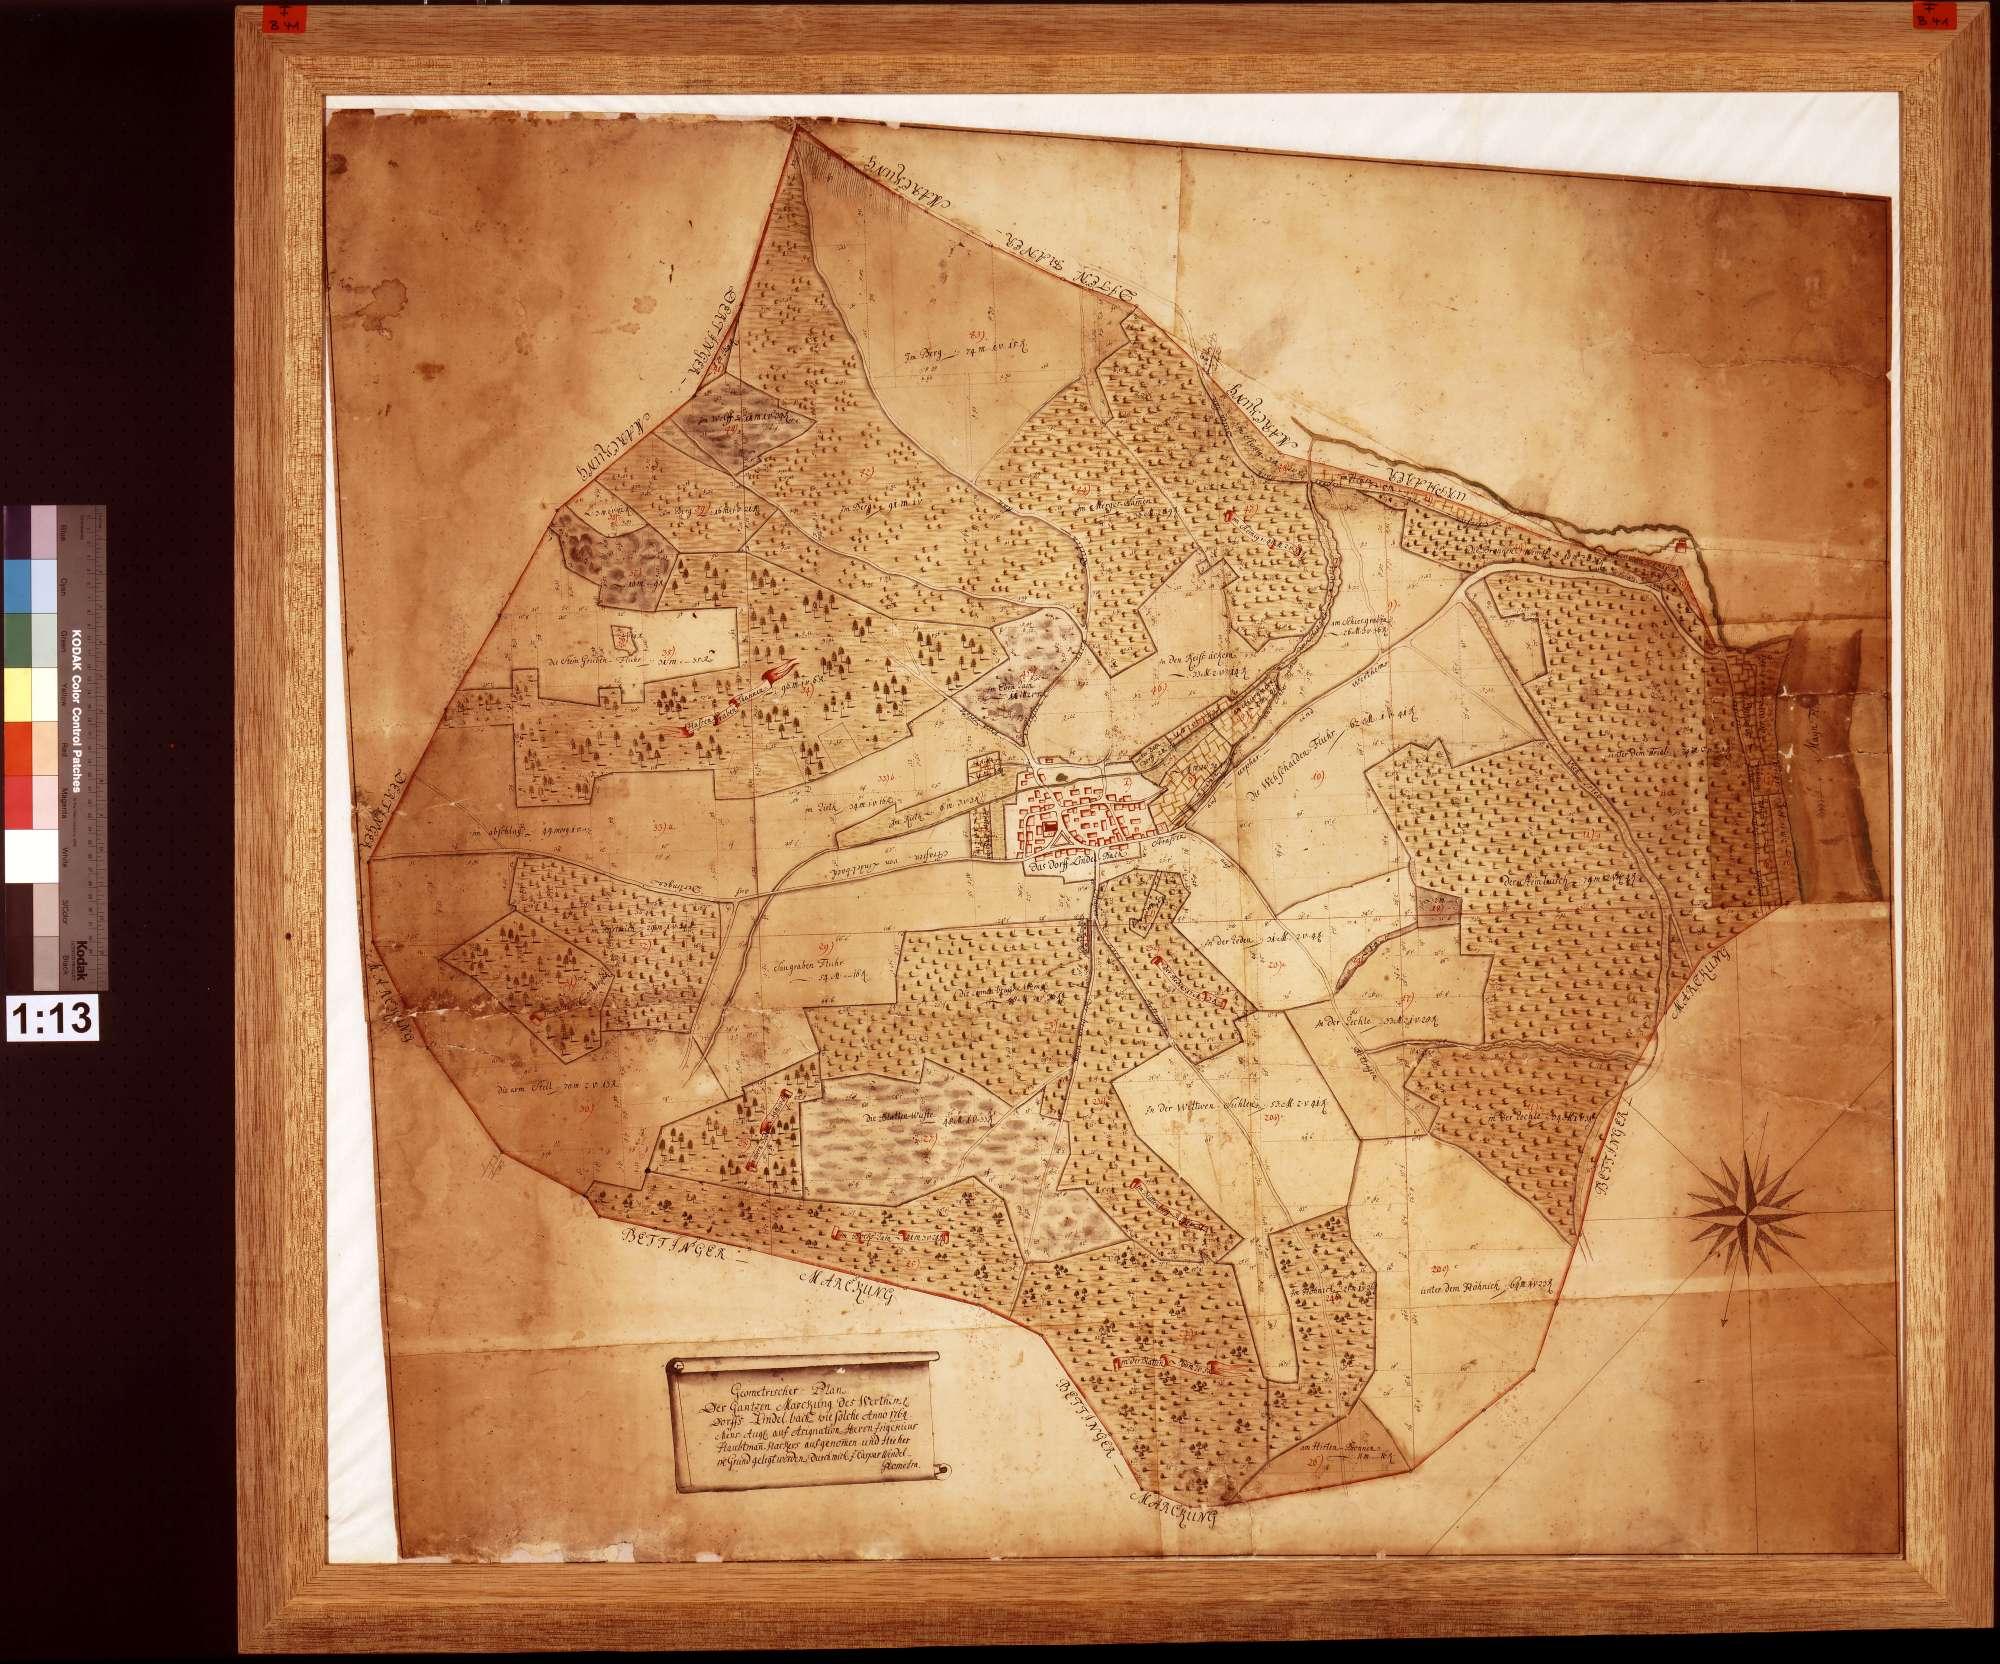 Markung des wertheimischen Dorfs Lindelbach, wie solche Anno 1764 Mense Augusti auf Assignation des Ingenieurs Haeckher aufgenommen und hieher in Grund gelegt worden (Inselkarte), Bild 1